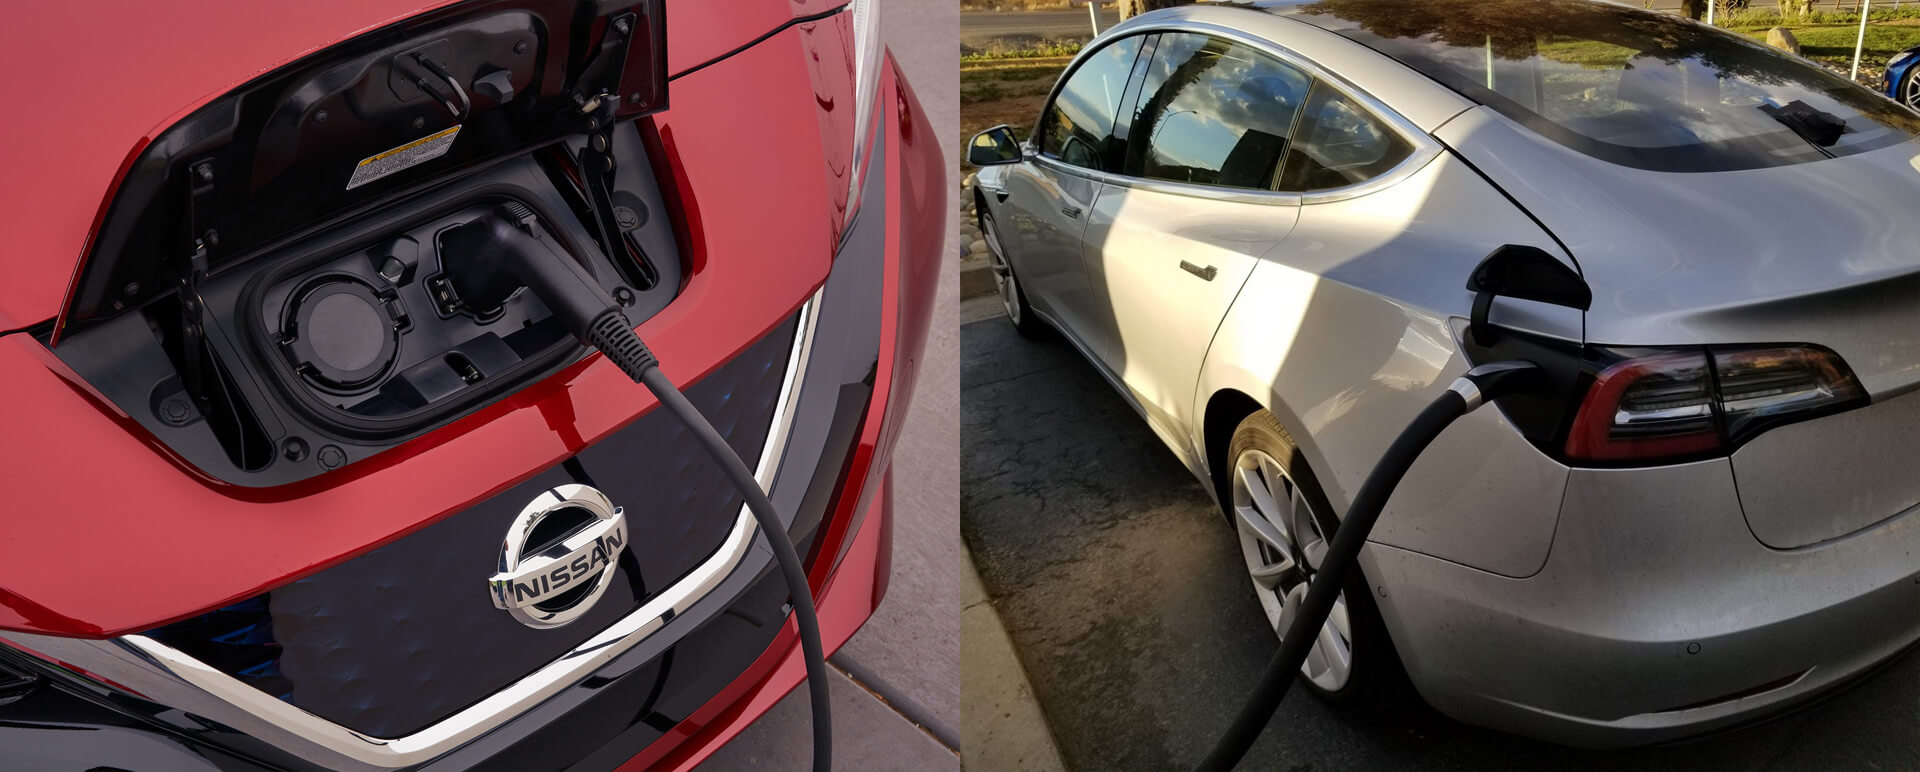 Порты подключения зарядки Nissan Leaf 2018 и Tesla Model 3